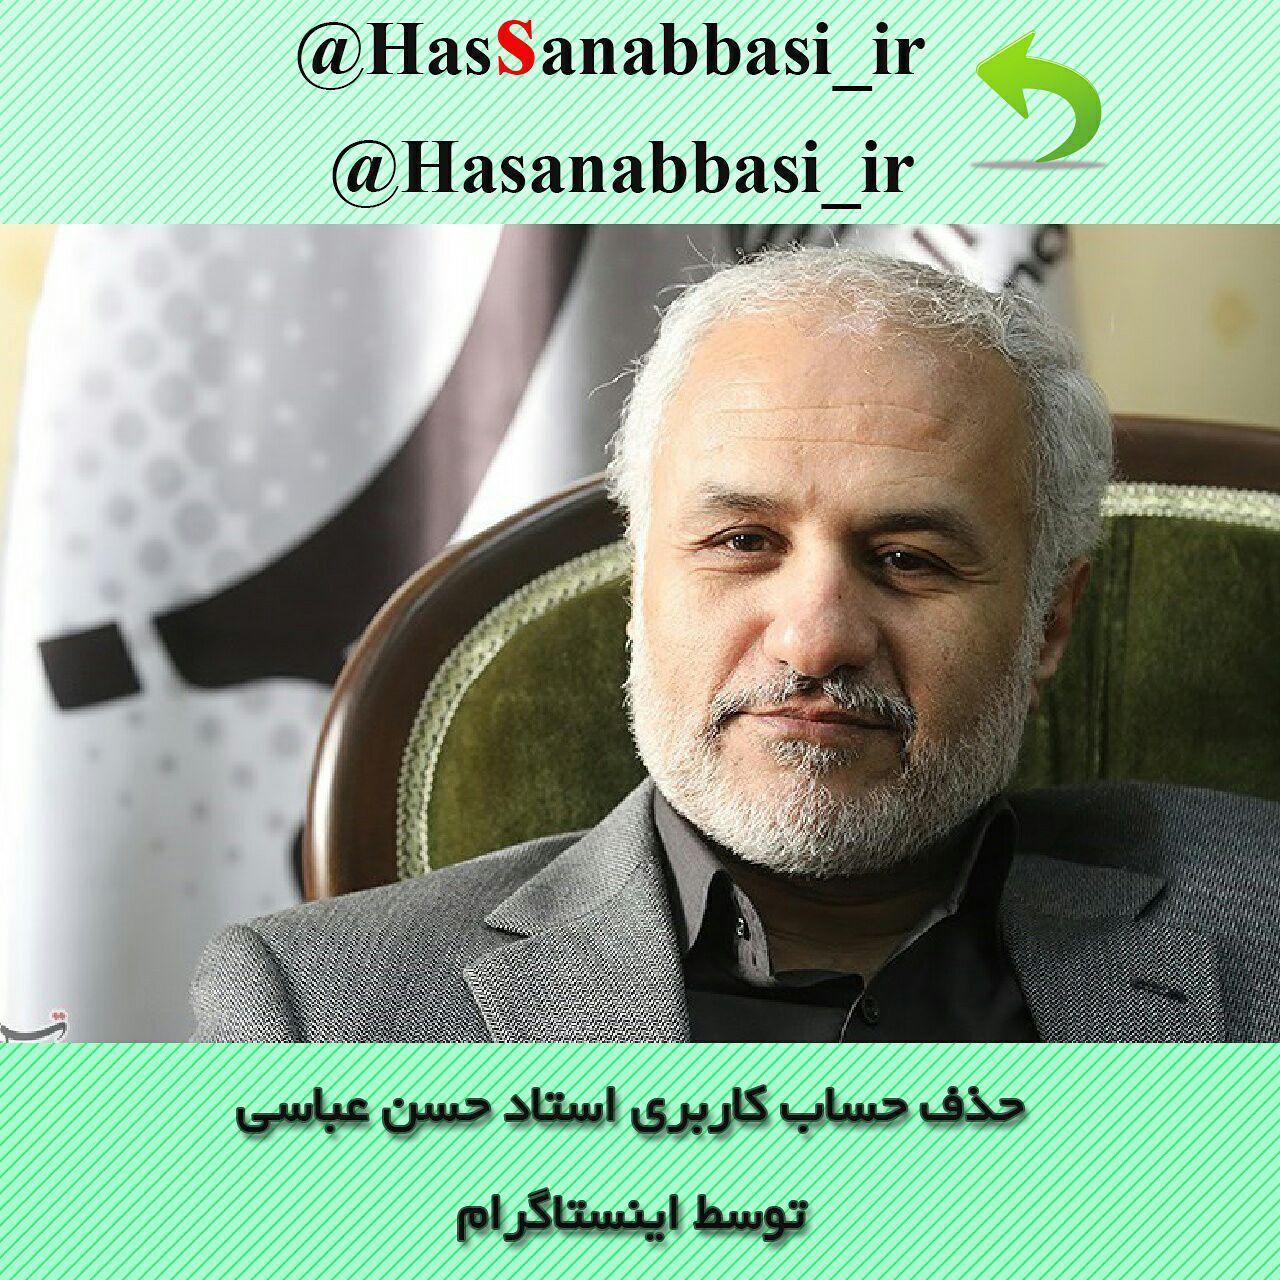 حذف صفحه استاد حسن عباسی توسط اینستاگرام با ۲۳۲ هزار نفر دنبال کننده